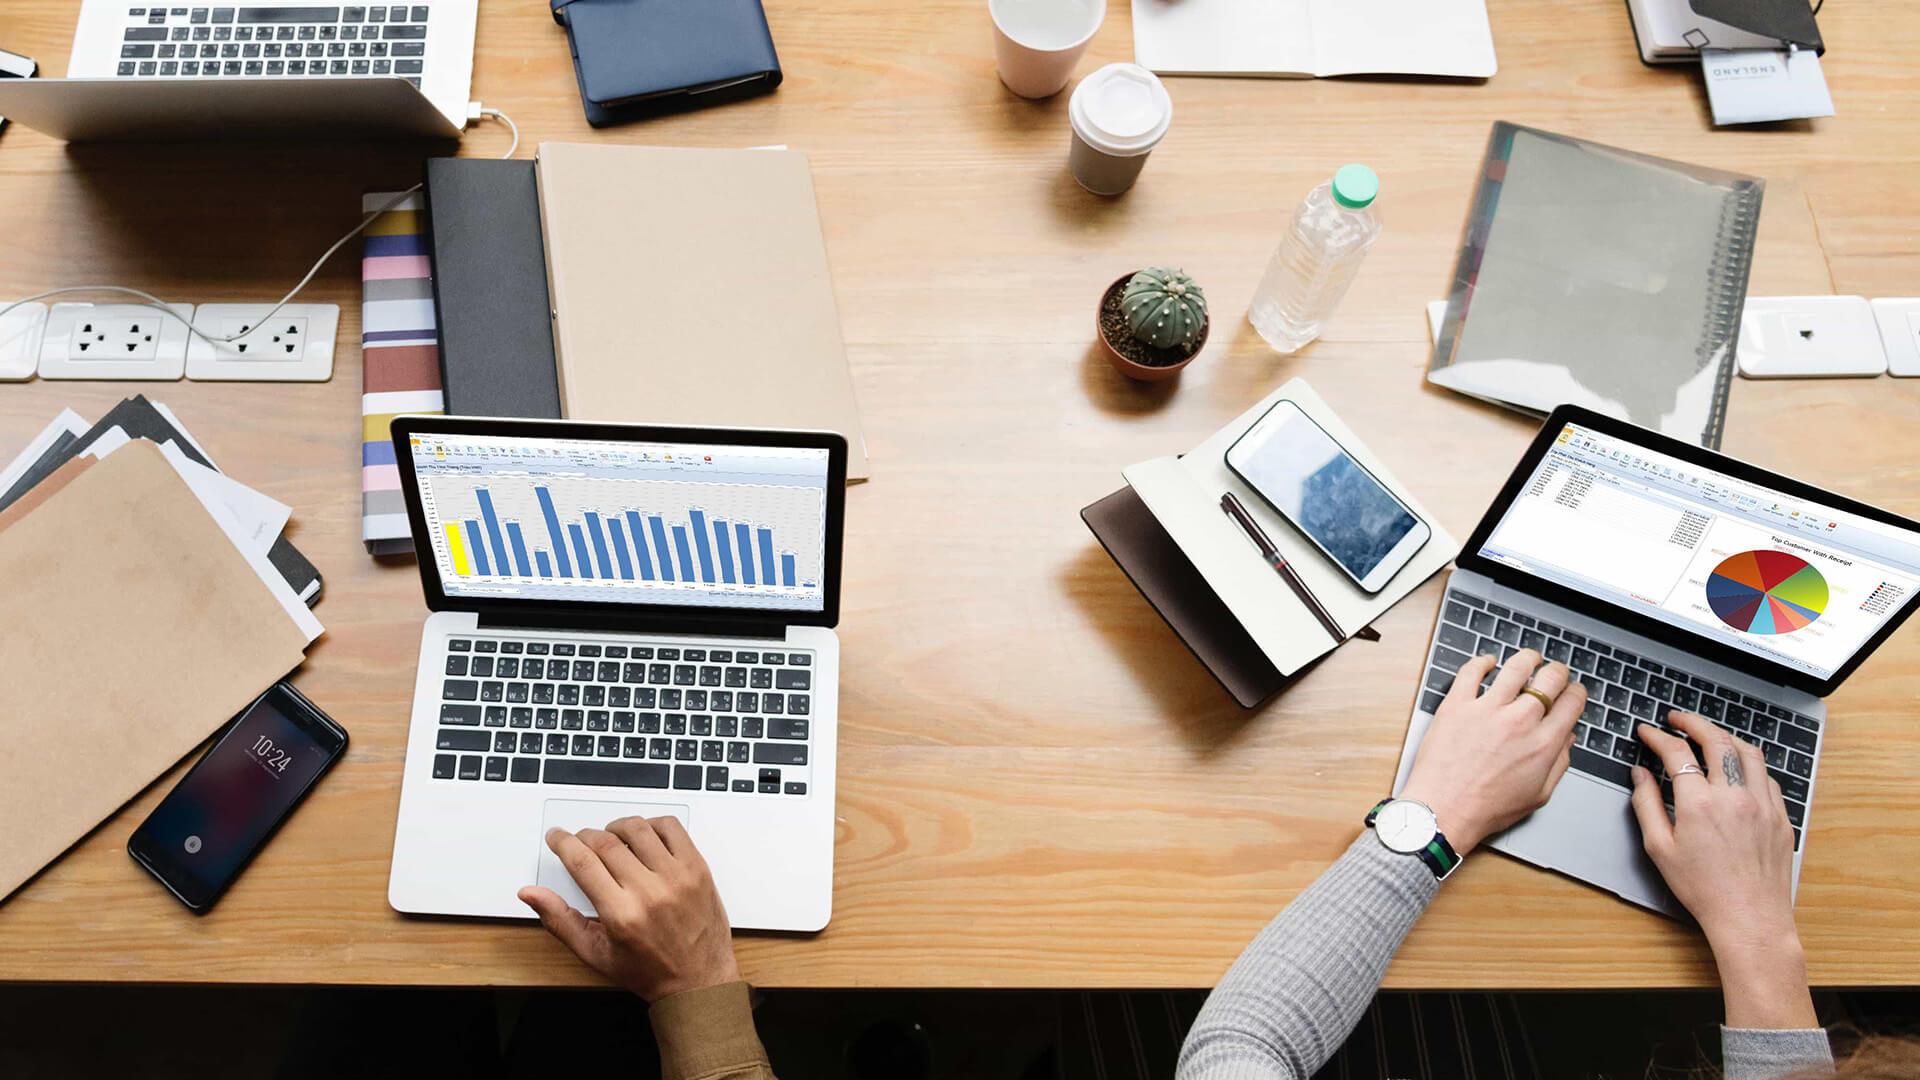 Phần mềm quản trị doanh nghiệp ERP là gì?Ưu nhược điểm của ERP ? Nên chọn phần mềm ERP nào.